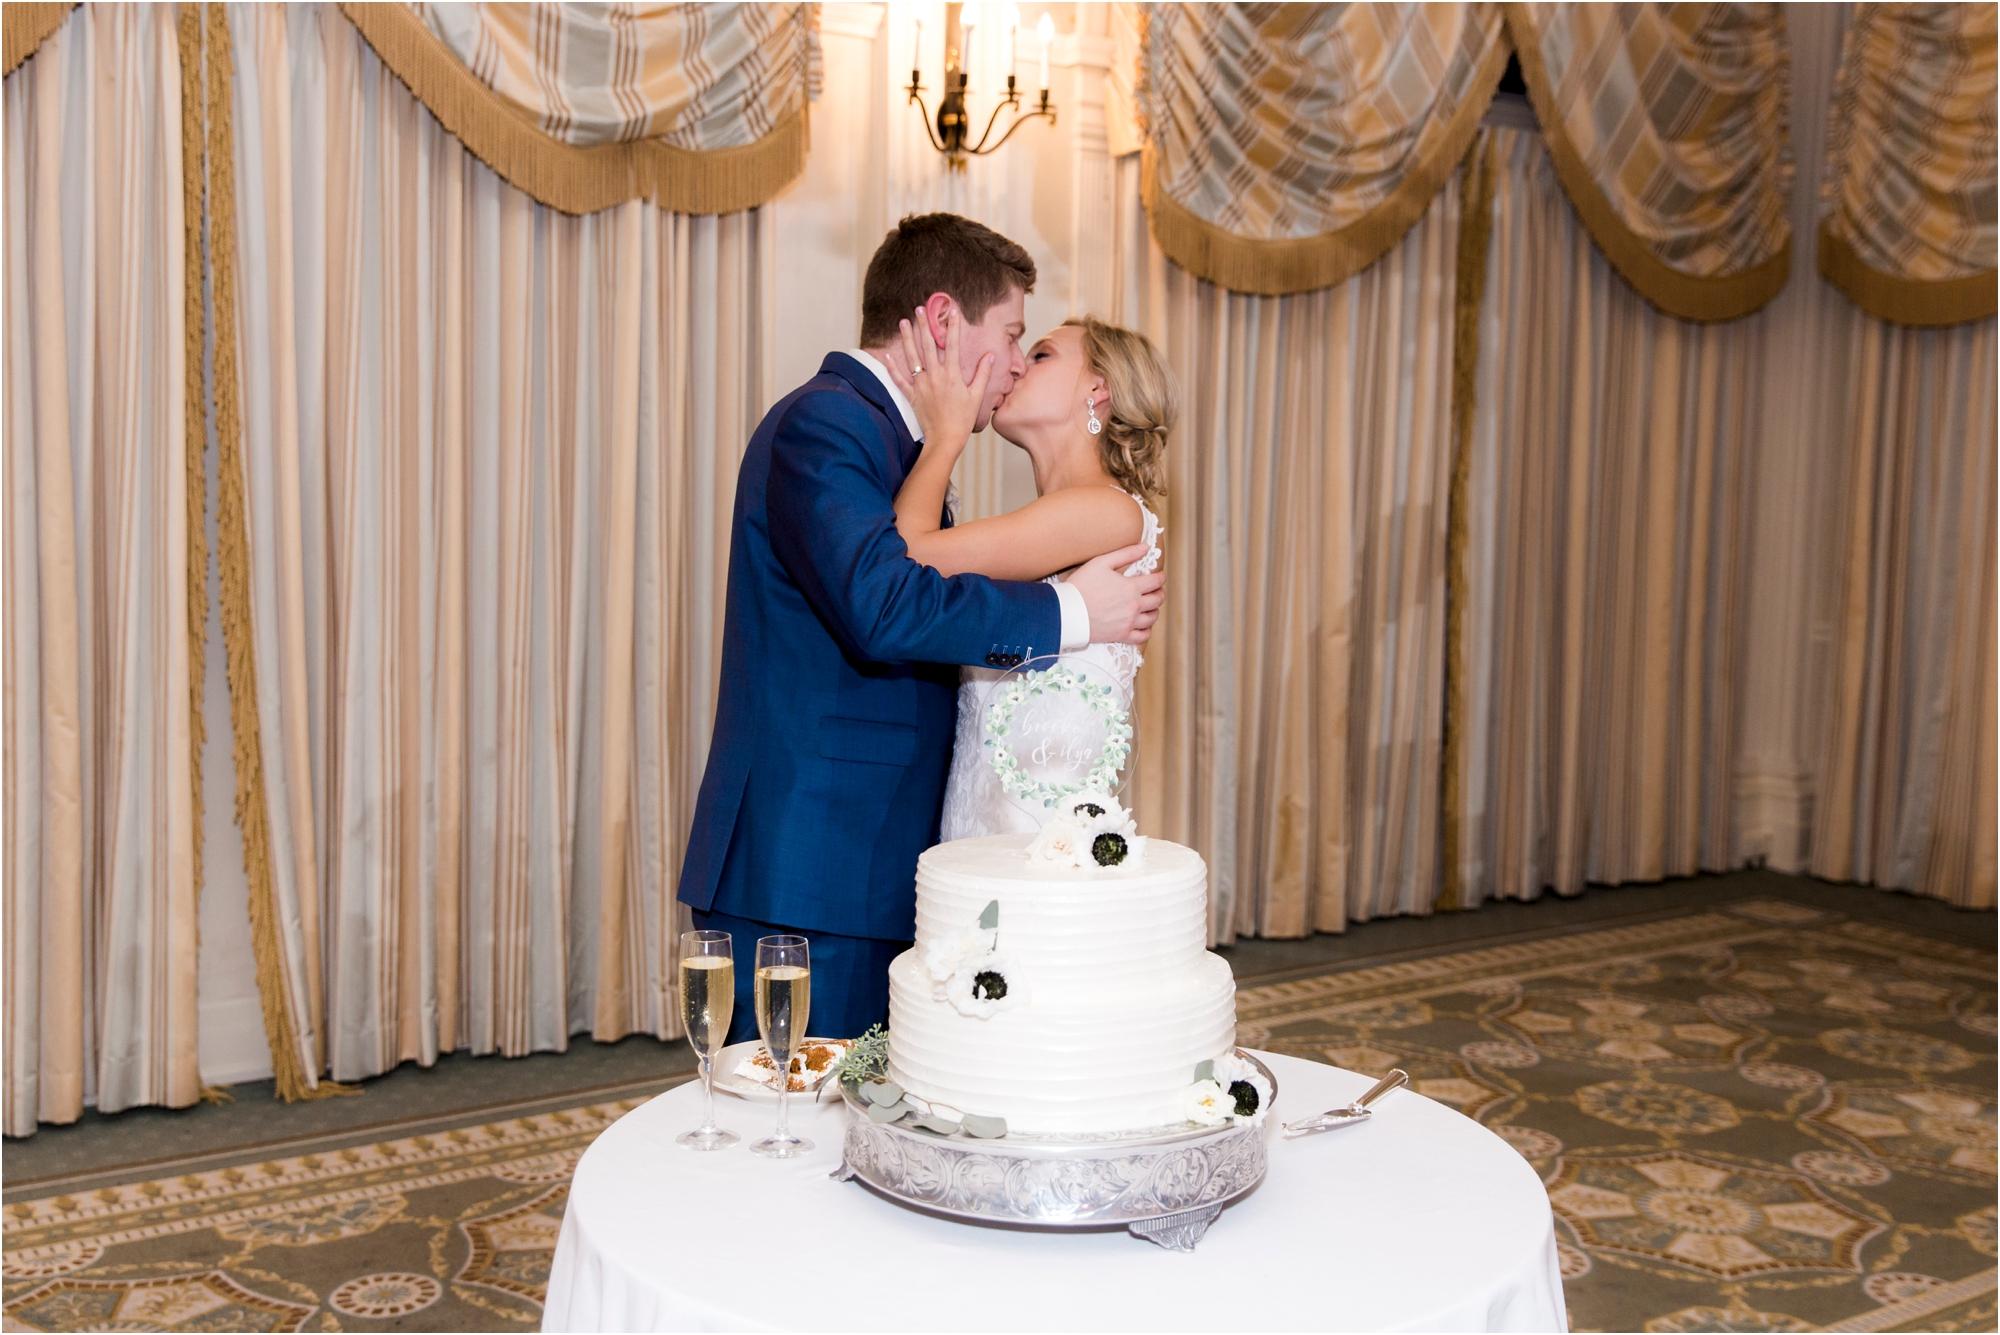 brooke-ilya-fall-virginia-omni-homestead-resort-wedding-photos_0071.jpg